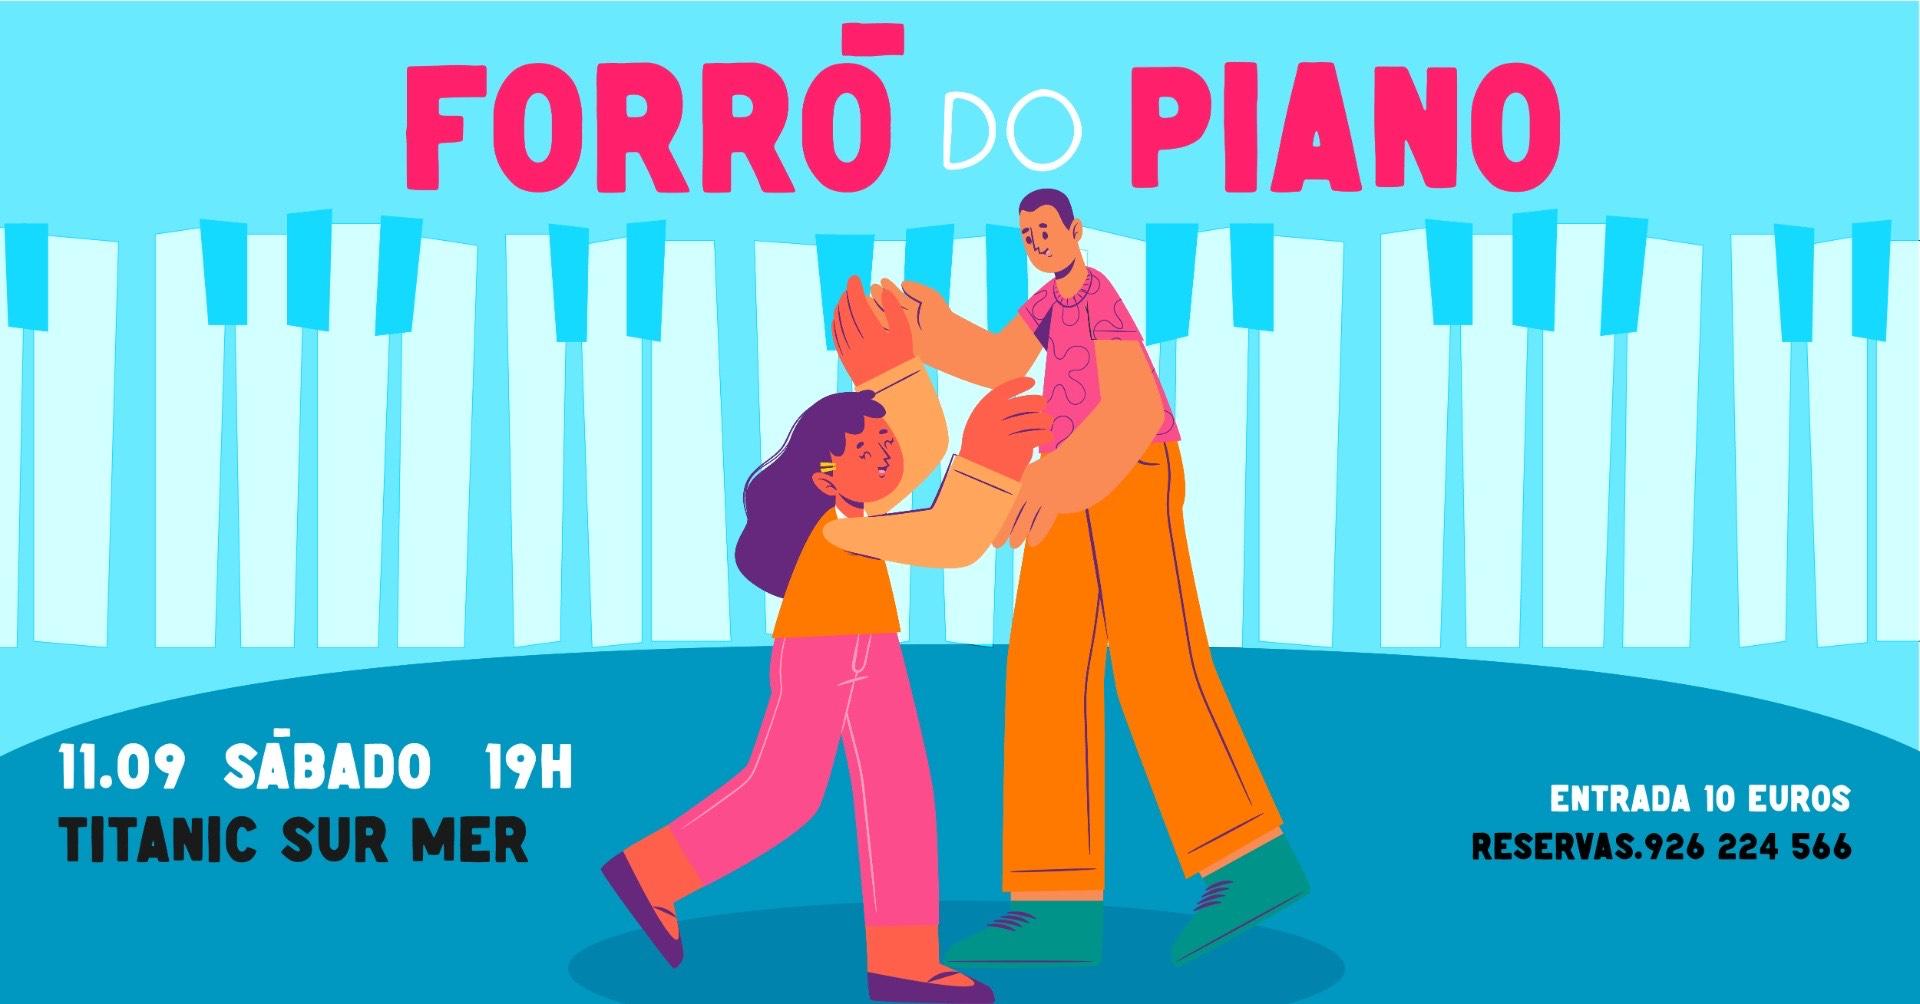 FORRÓ DO PIANO